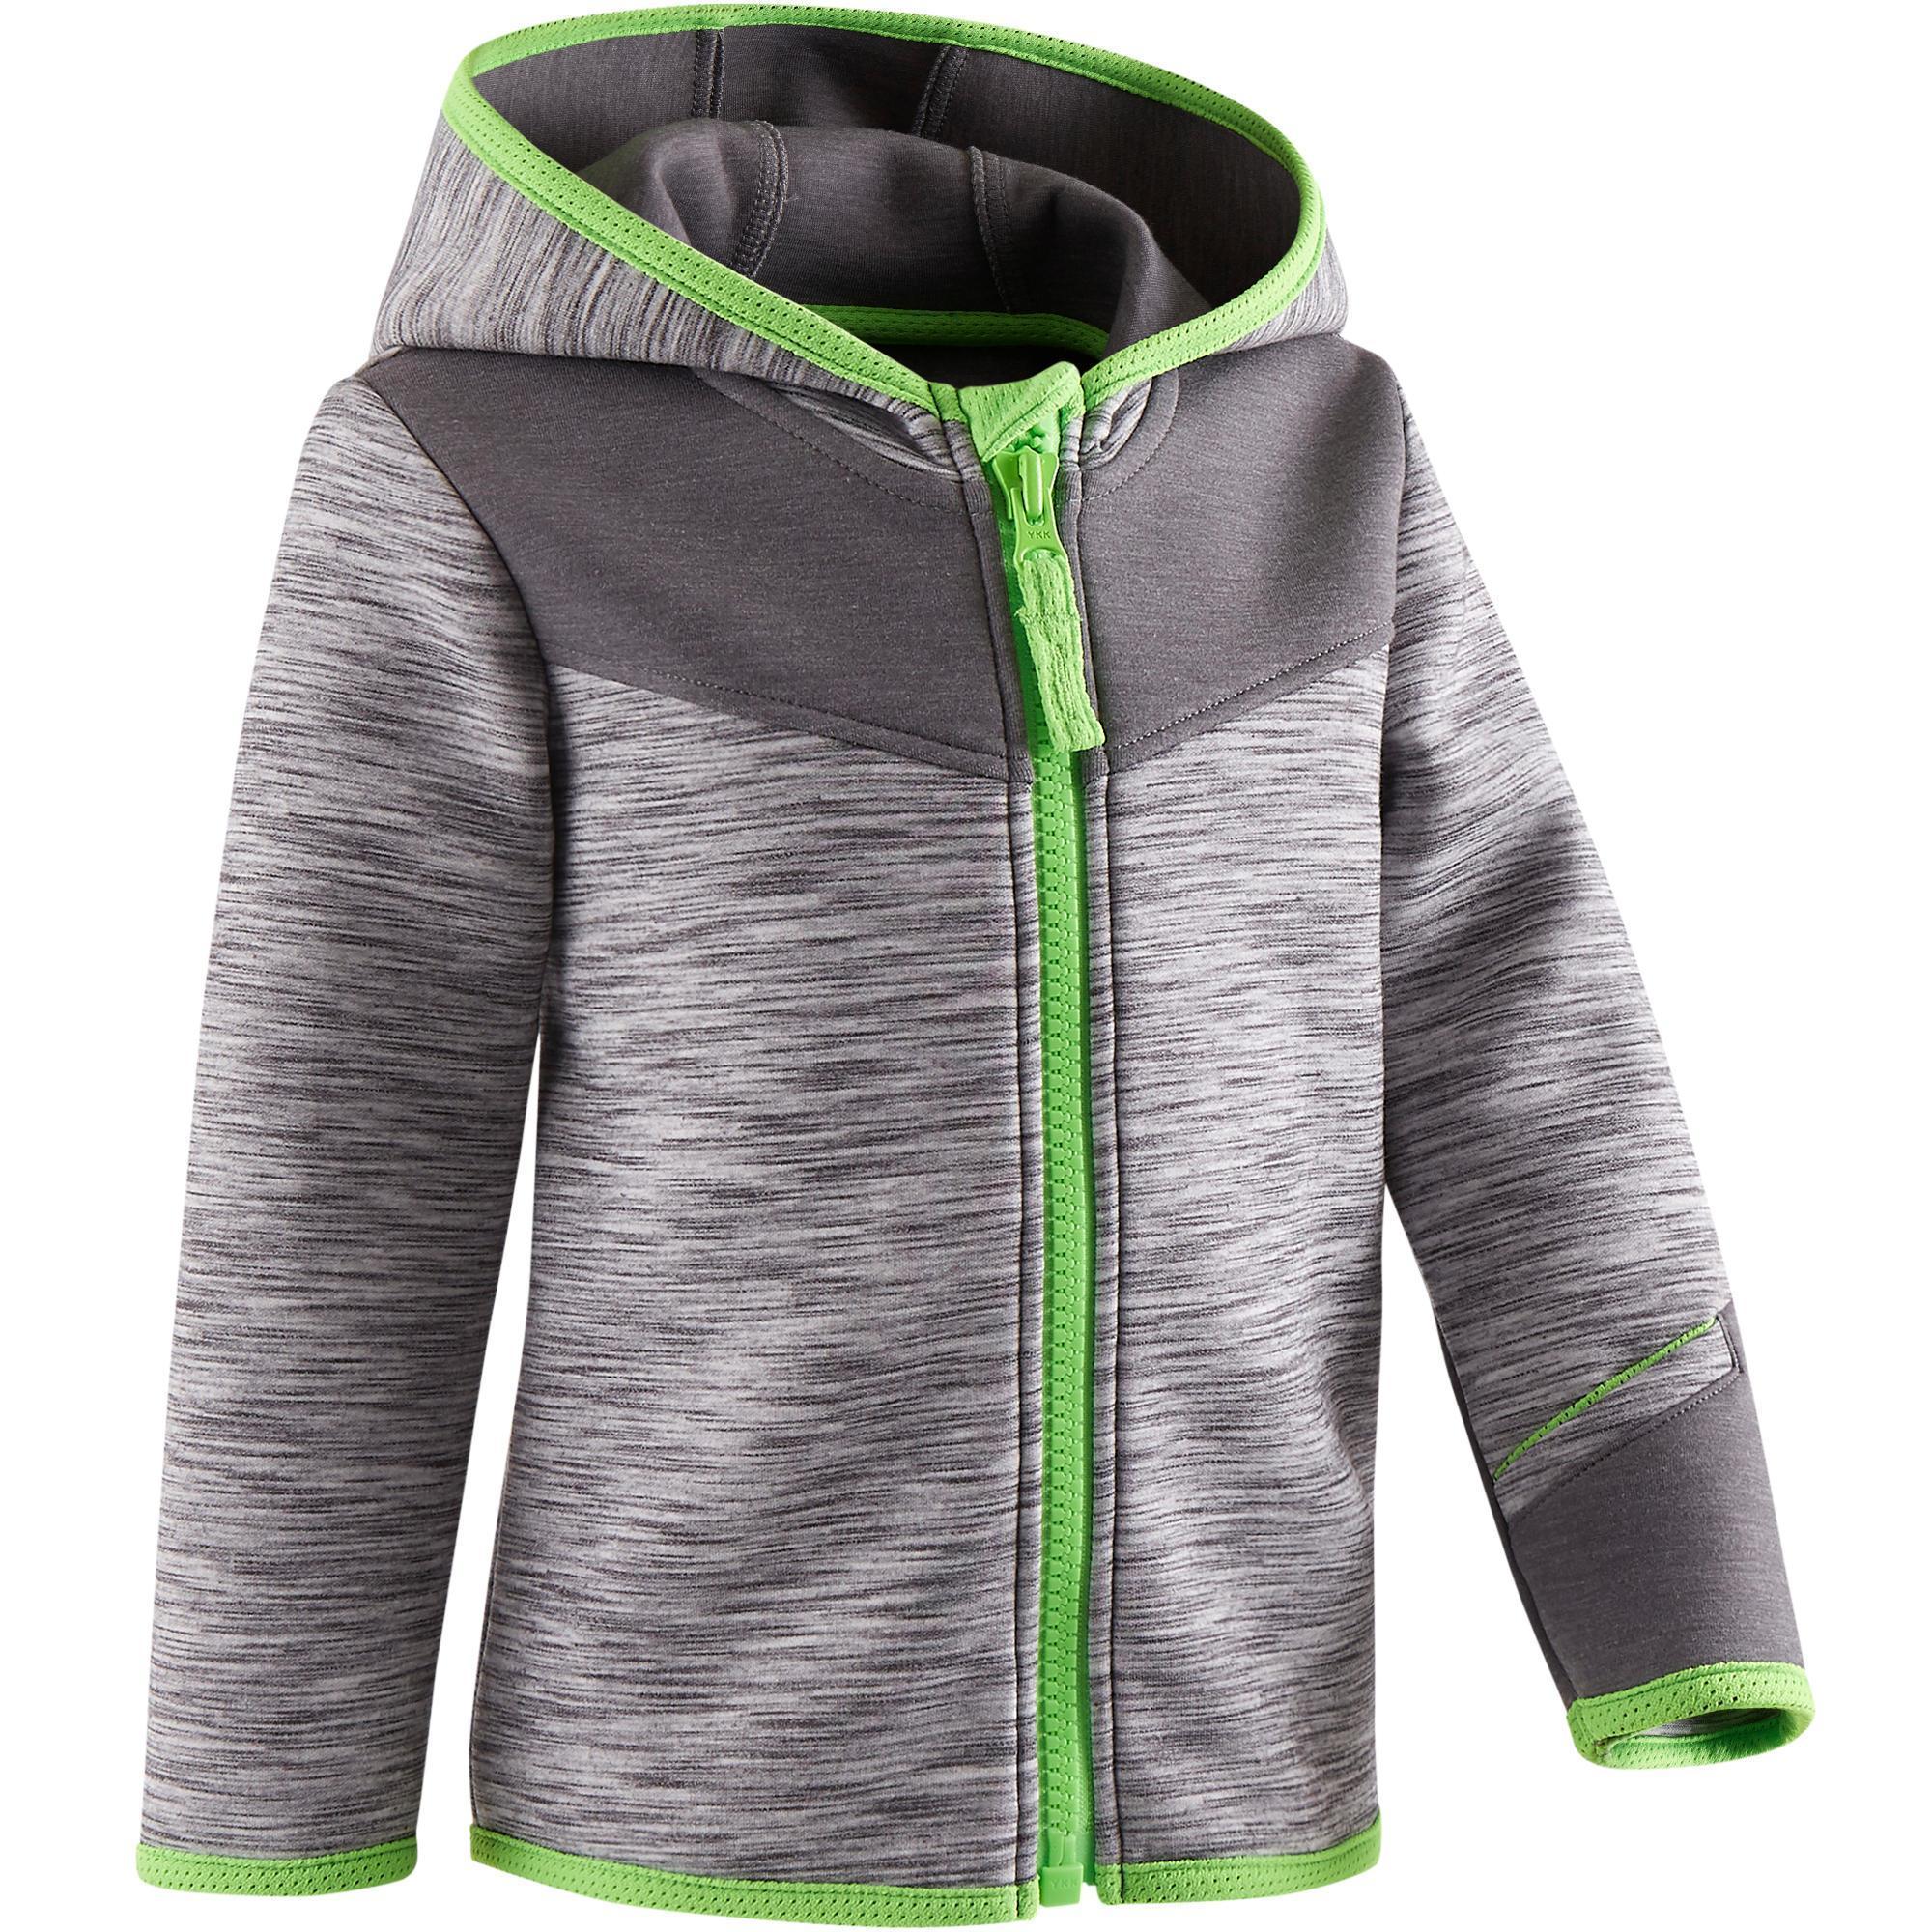 e0c2d48074f7 Baby Gym Boy s Clothing 500 Baby Gym Jacket - Grey Green - Decathlon